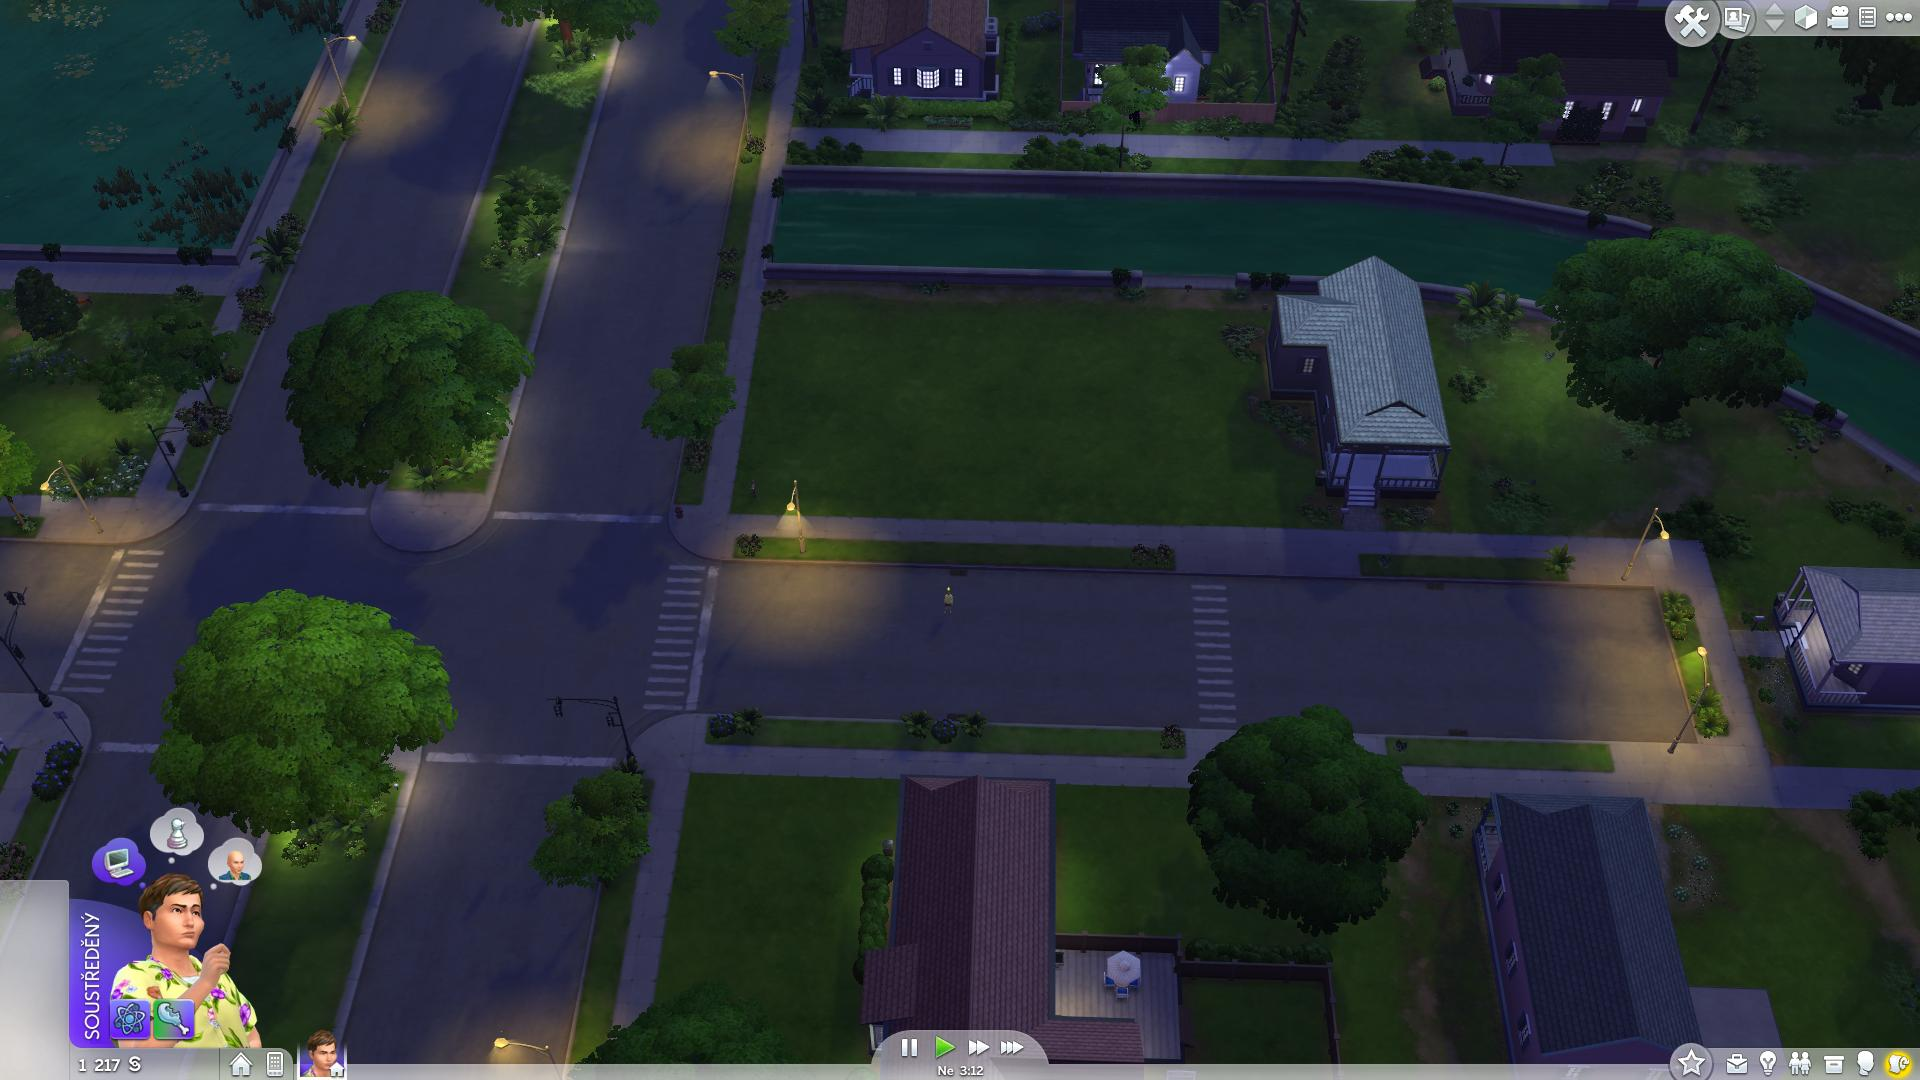 Recenze The Sims 4 - Ve stínu loadingu 9448